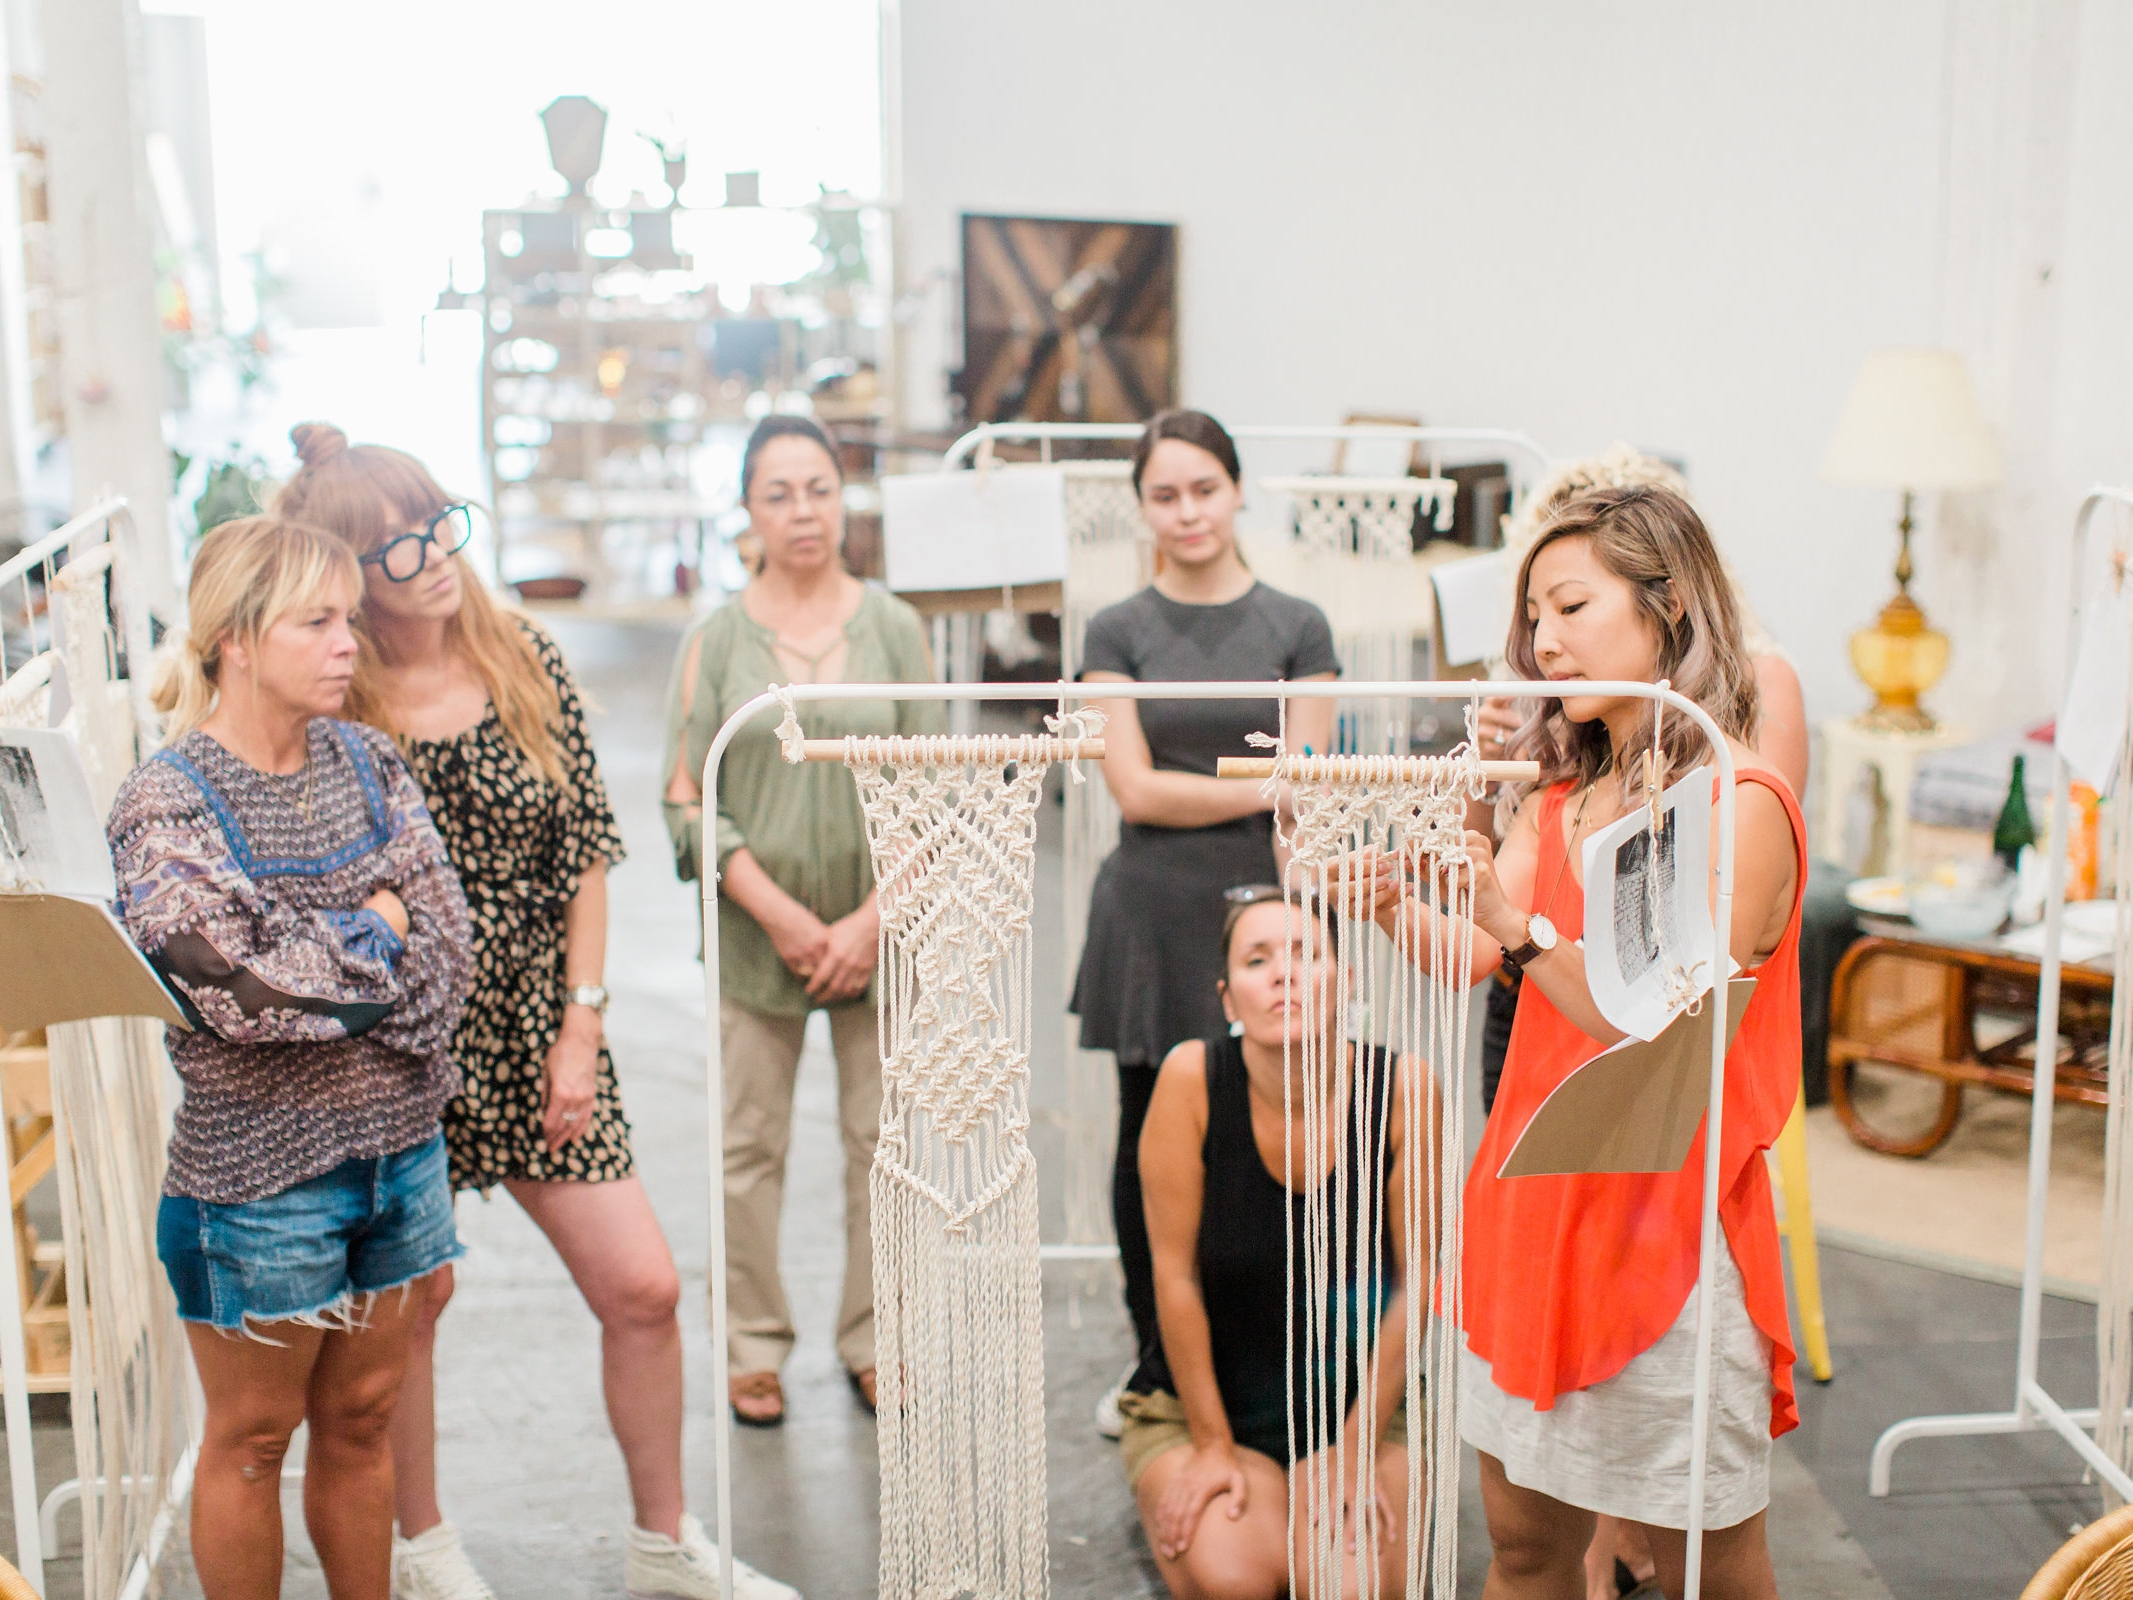 Macrame Workshop with Faithful Artisans